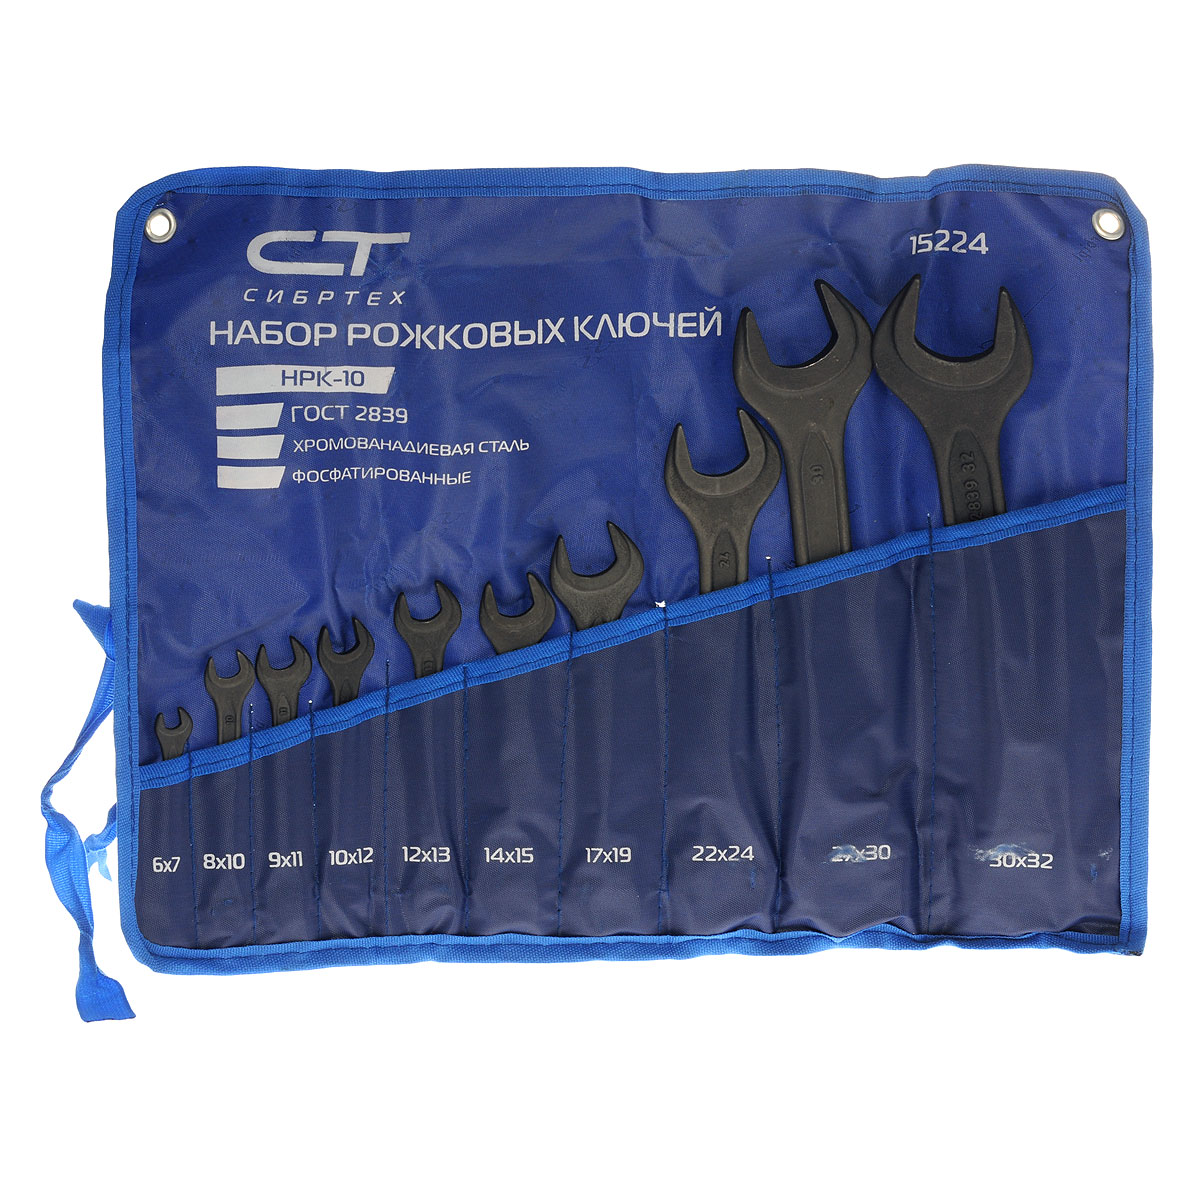 Набор ключей рожковых Сибртех, фосфатированные, 10 шт98298130Набор рожковых ключей Сибртех станет отличным помощником монтажнику или владельцу авто. Этот набор обеспечит надежную фиксацию на гранях крепежа.Они изготовлены из хромванадиевой стали с фосфатированием. В состав набора входят ключи: 6 х 7 мм, 8 х 10 мм, 9 х 11 мм, 10 х 12 мм, 12 х 13 мм, 14 х 15 мм, 17 х 19 мм, 22 х 24 мм, 27 х 30 мм, 30 х 32 мм.